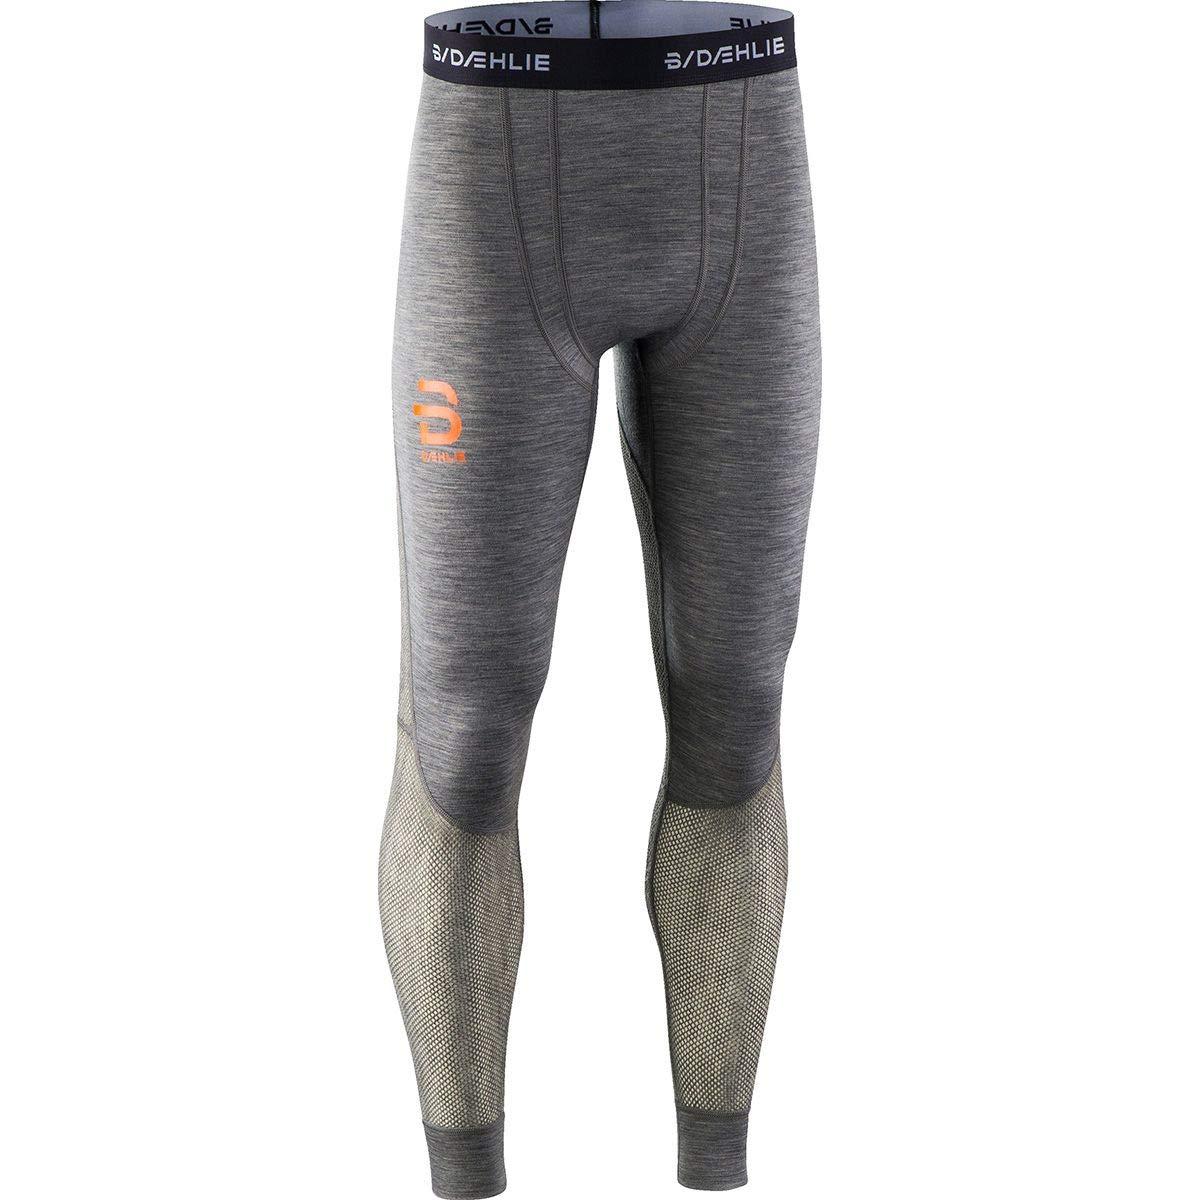 Björn Daehlie Herren Langlauf-Leggings Airnet Wool Pants aus Wolle